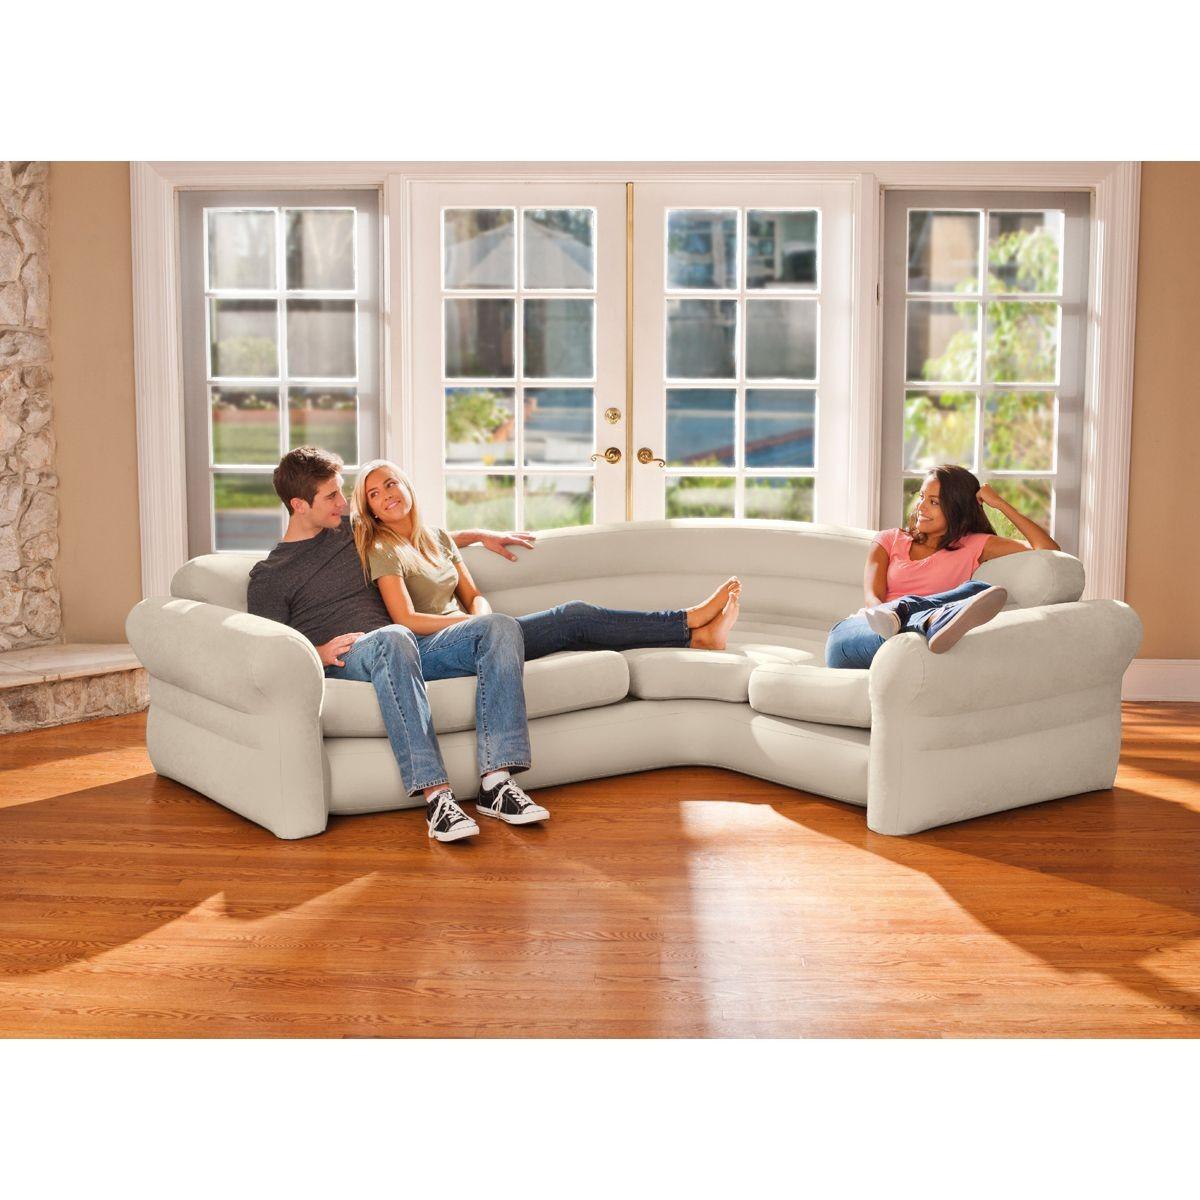 Le Canape Gonflable Qui Sont Les Variantes Les Plus Confortables